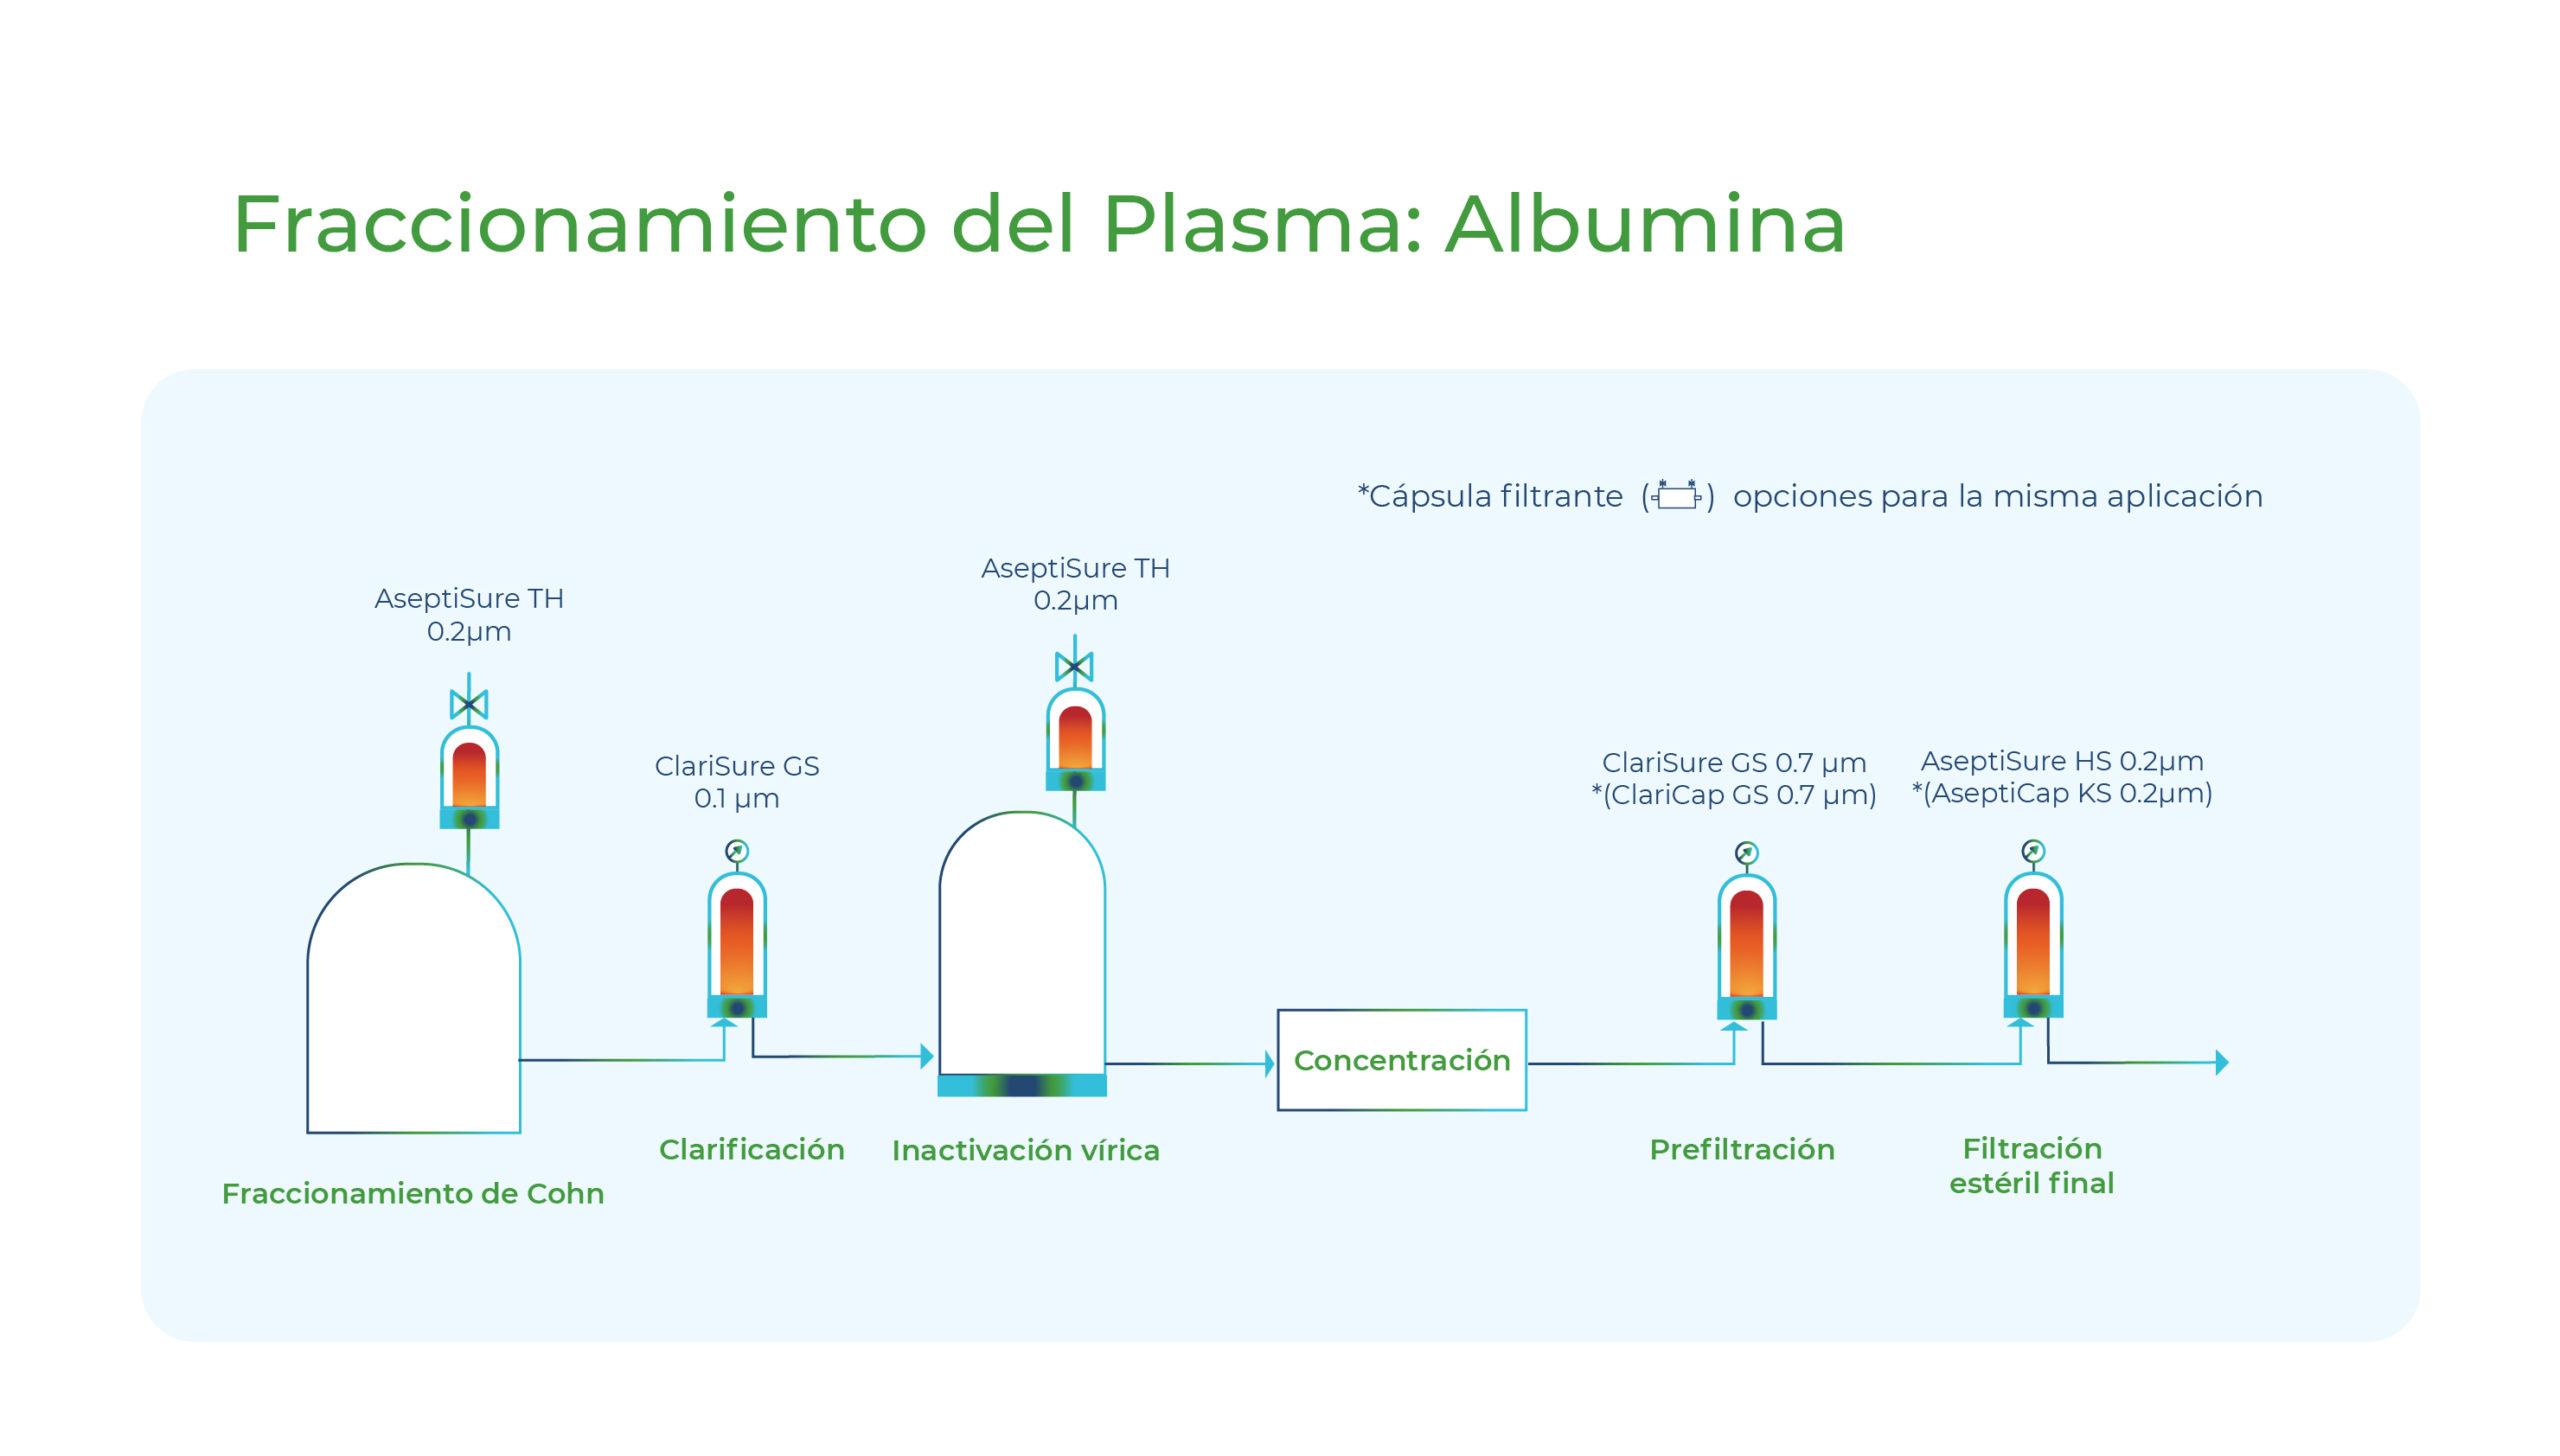 Diagrama Fraccionamiento del Plasma: Albumina. Gesfilter